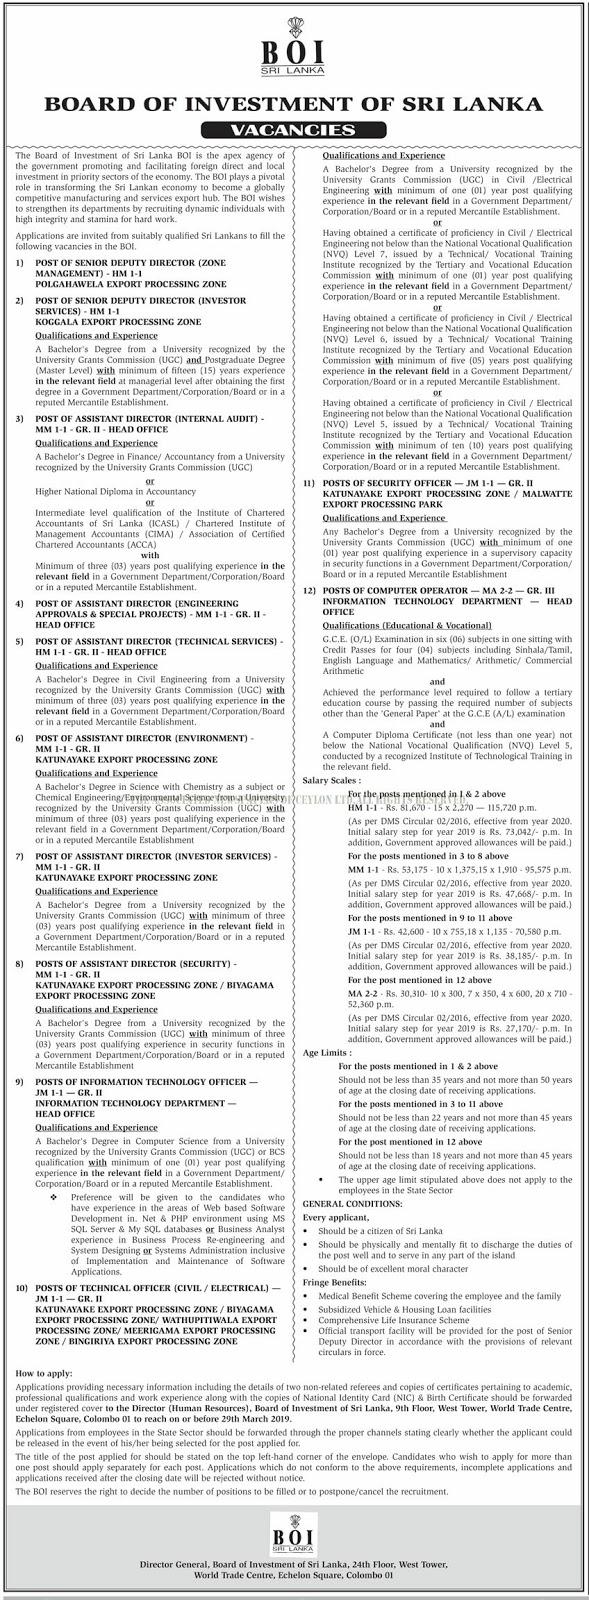 Vacancies at BOI